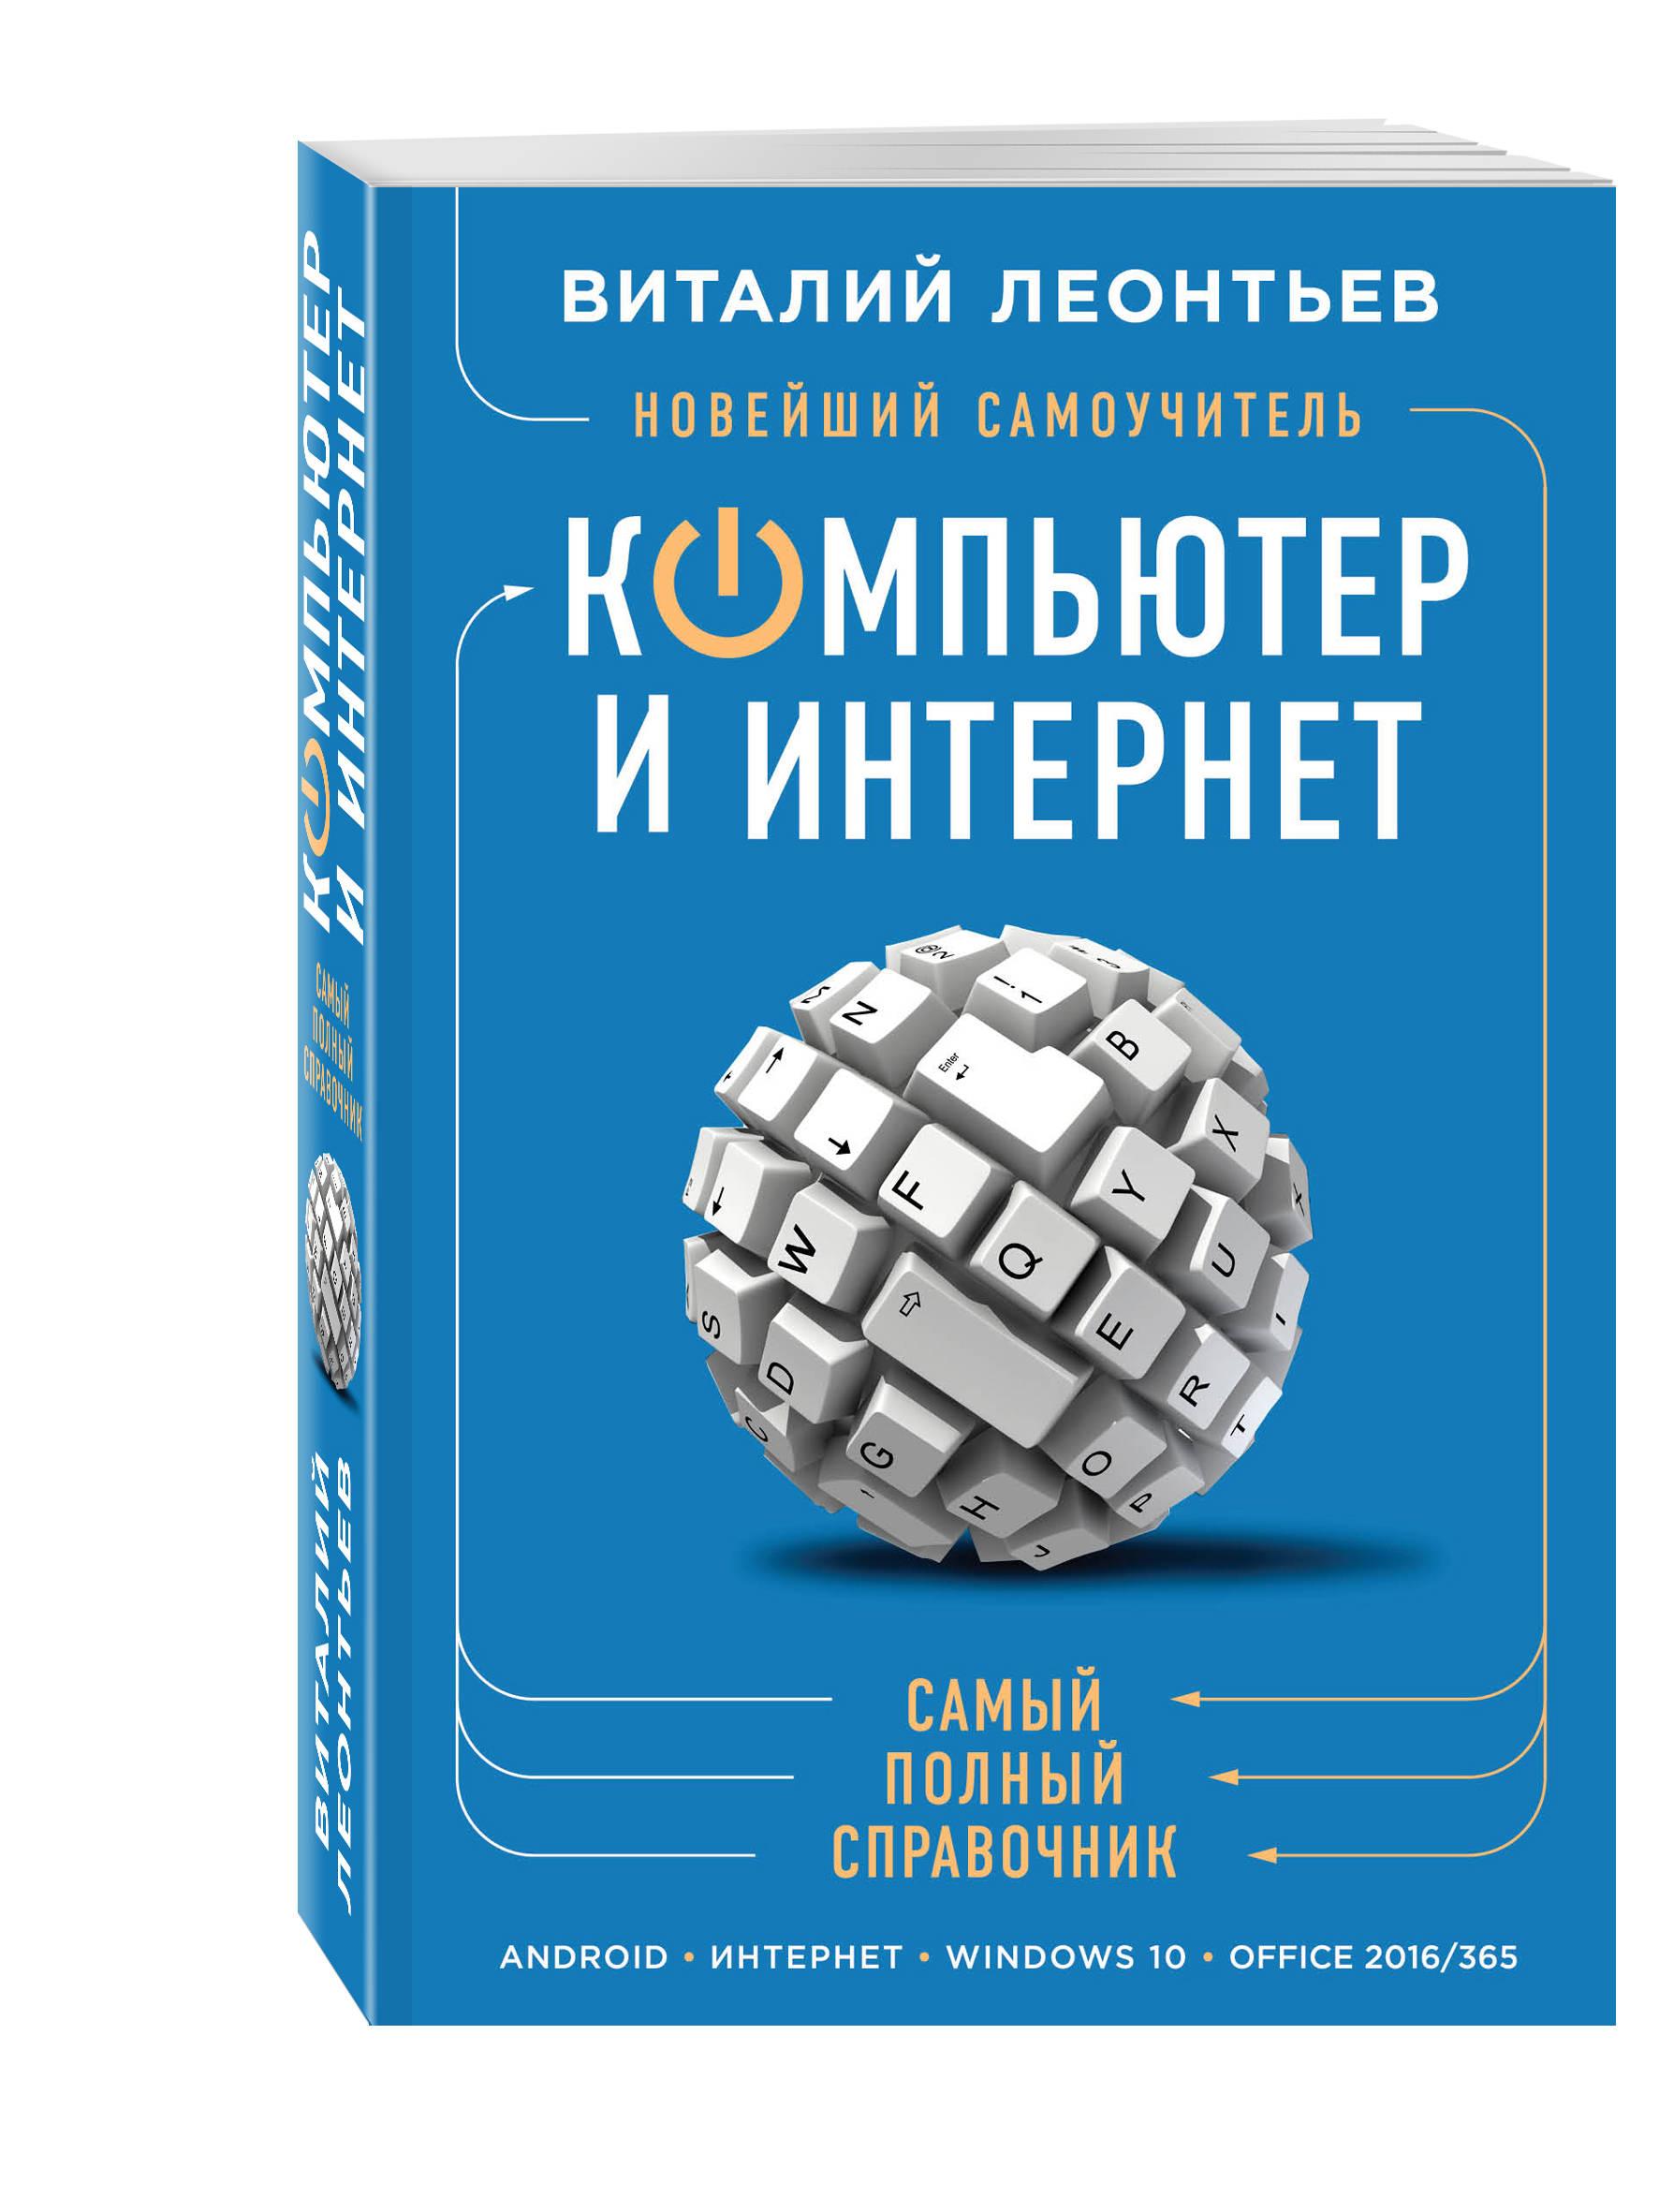 Леонтьев В.П. Новейший самоучитель. Компьютер и интернет coreldraw x8 самоучитель